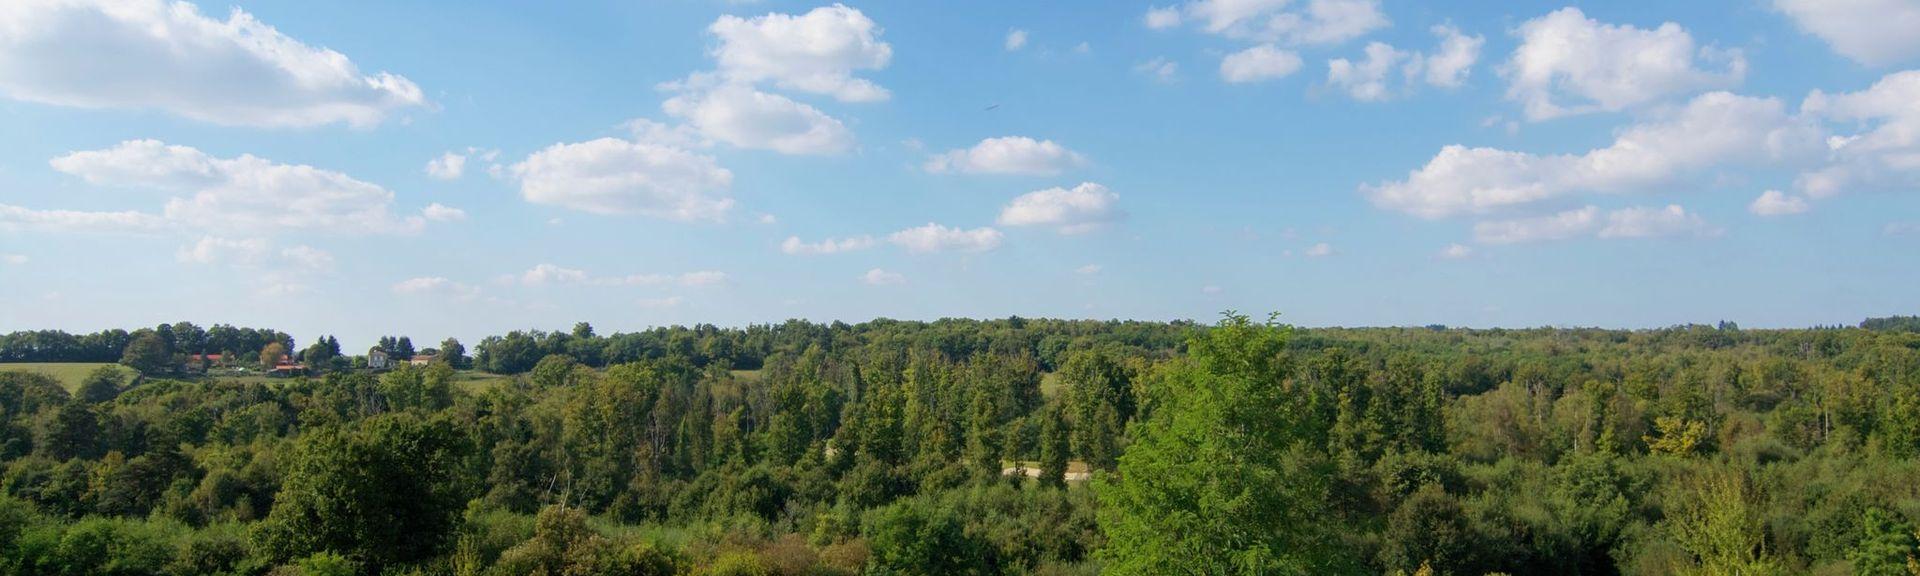 Mazerolles, Charente, Aquitaine Limousin Poitou-Charentes, Frankrijk